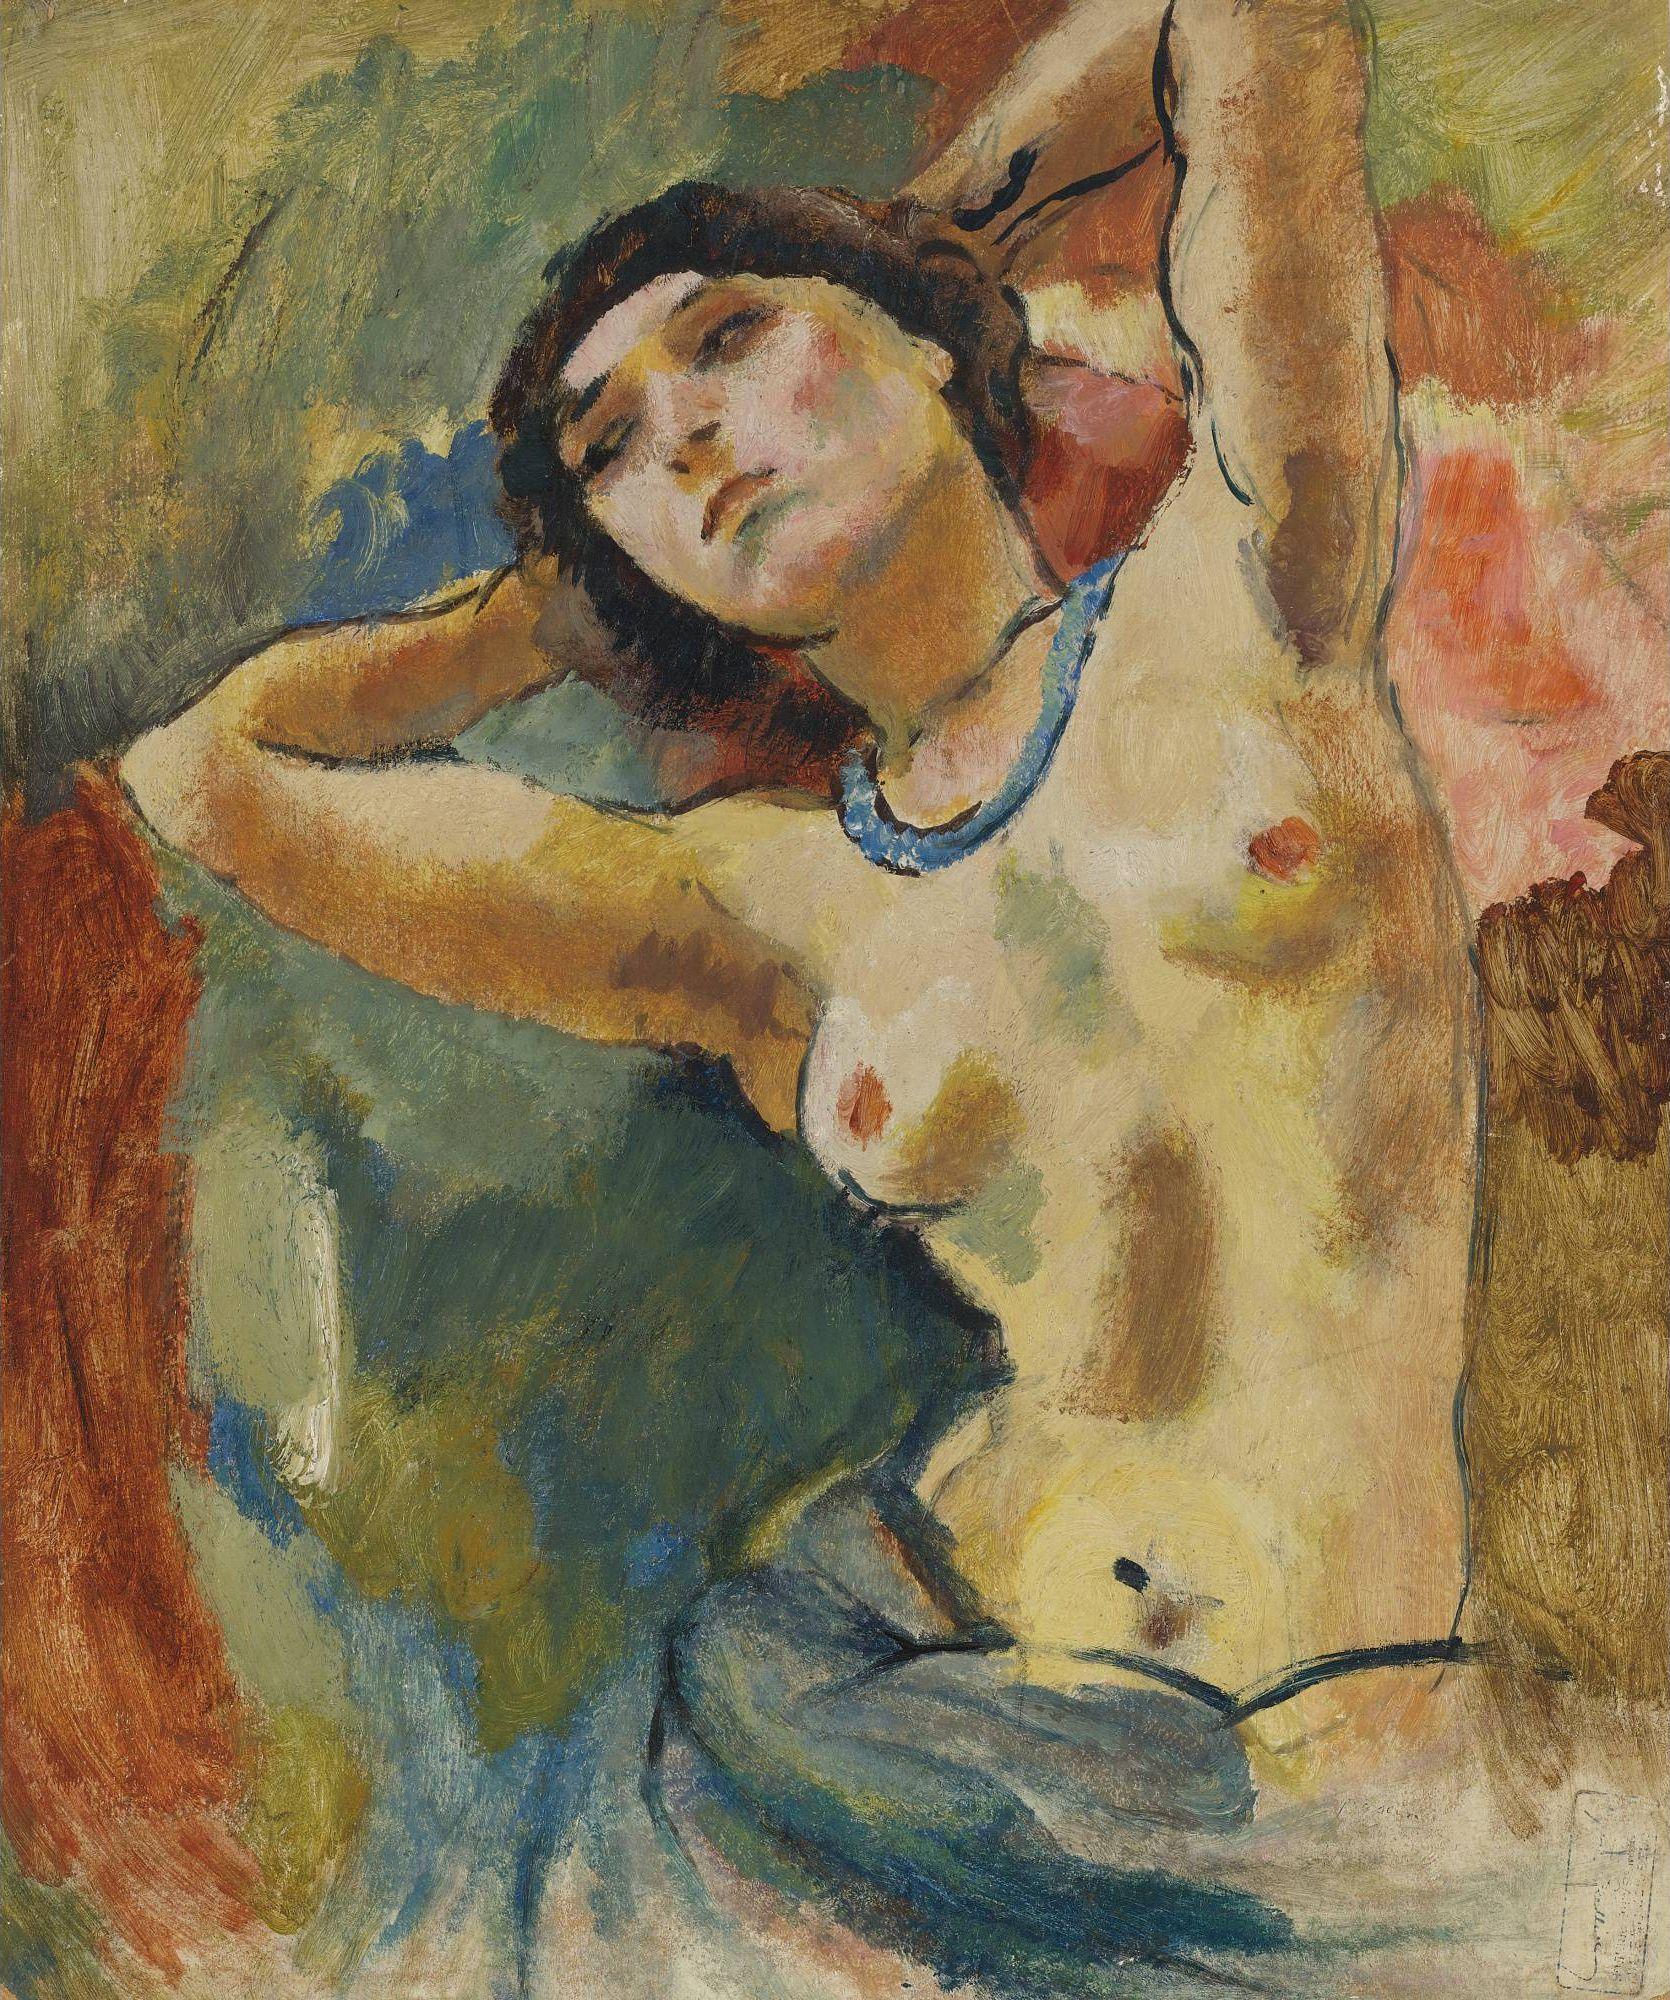 Jules Pascin, 1885-1930. Брюнетка в голубом ожерелье. 1922. 54.6 х 46 см. Частная коллекция